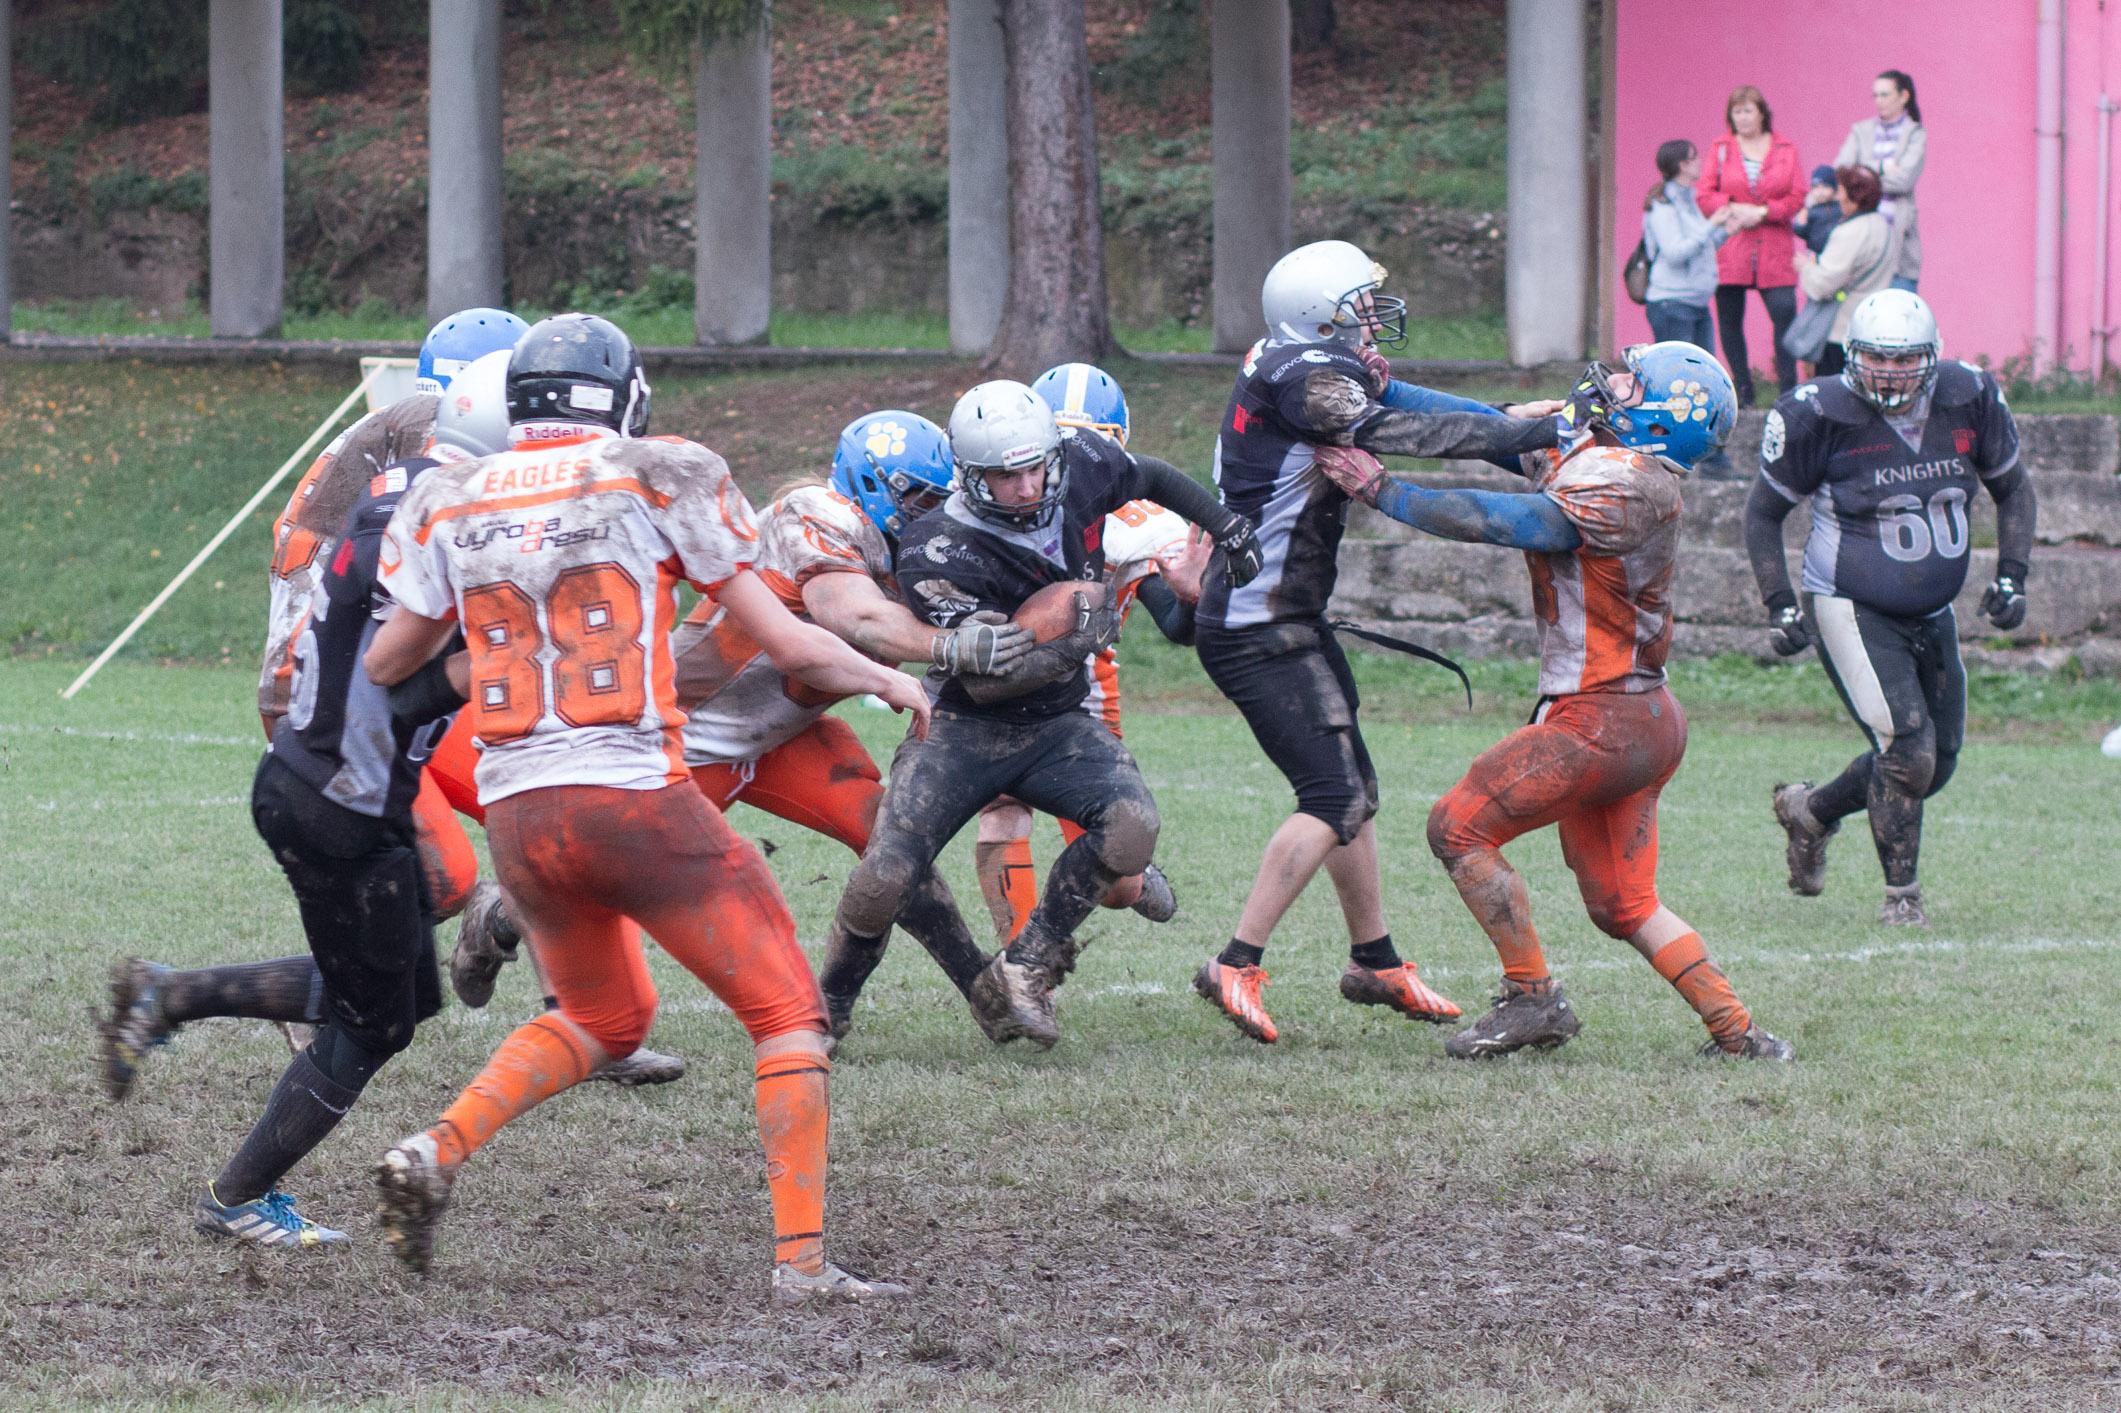 smolenice-eagles_nitra-knights-12